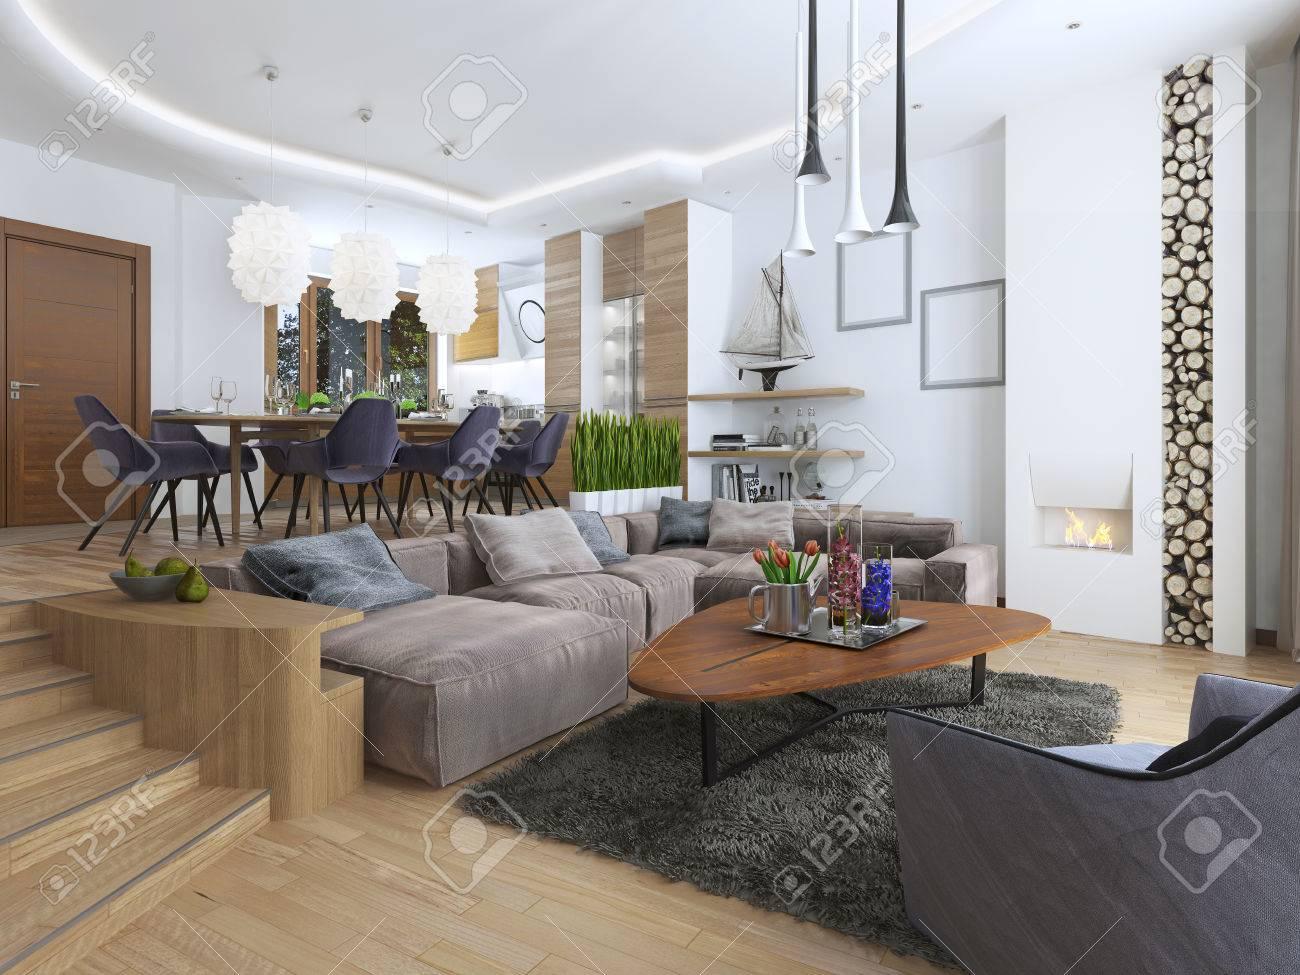 Salon moderne dans un style loft, mélangeant harmonieusement dans la cuisine salle à manger. Grand canapé d'angle, des étagères avec des décorations,